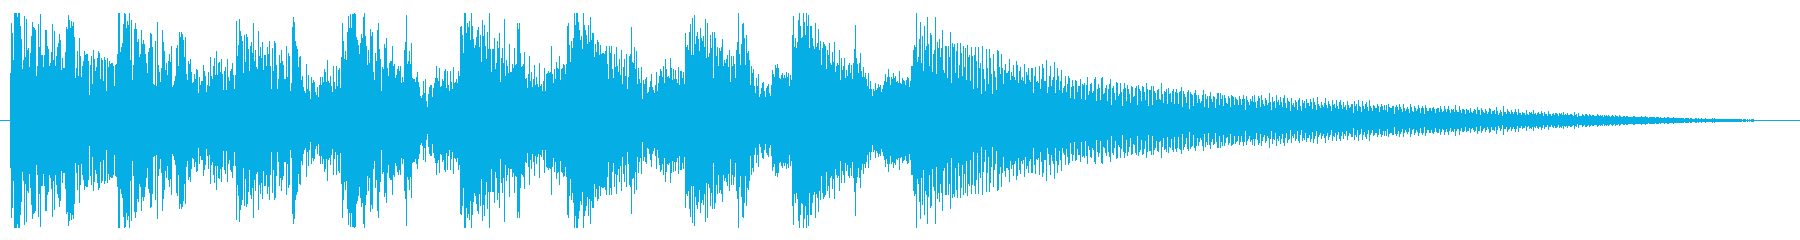 ビジネス・SNS・ジングル・ショート動画の再生済みの波形